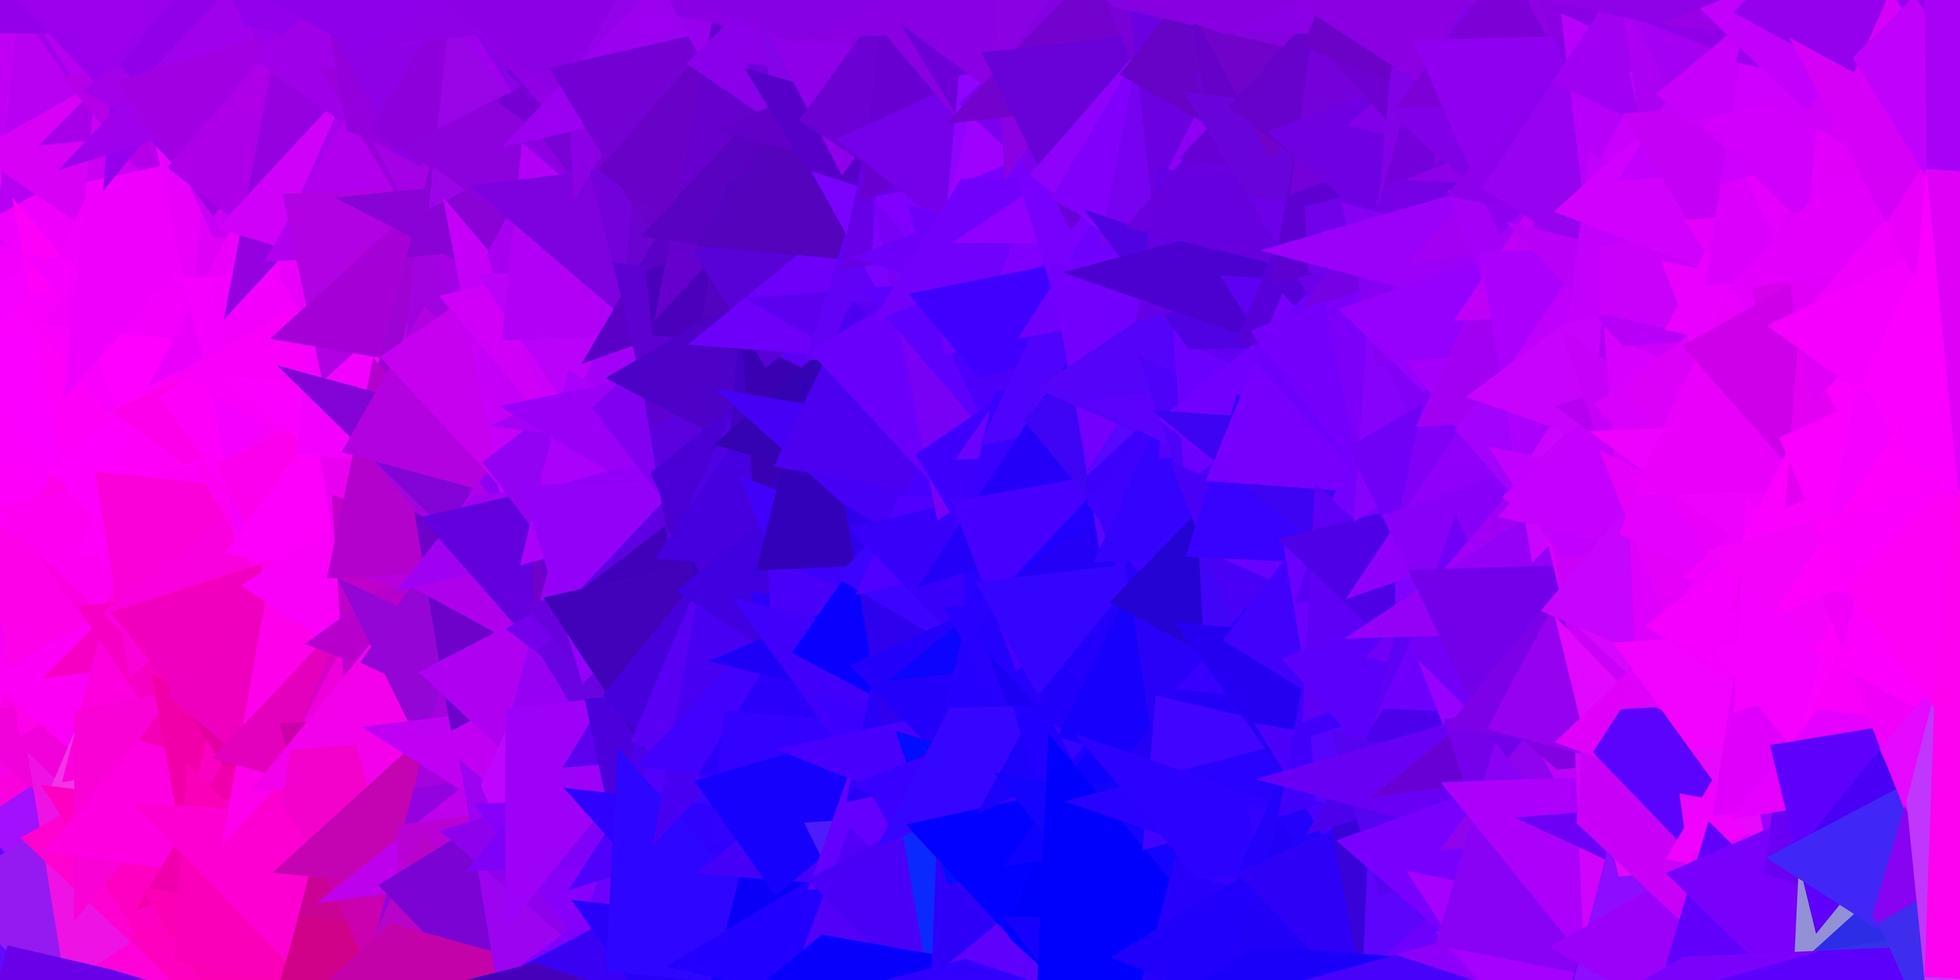 dunkelviolette, rosa Vektordreieck-Mosaikschablone vektor